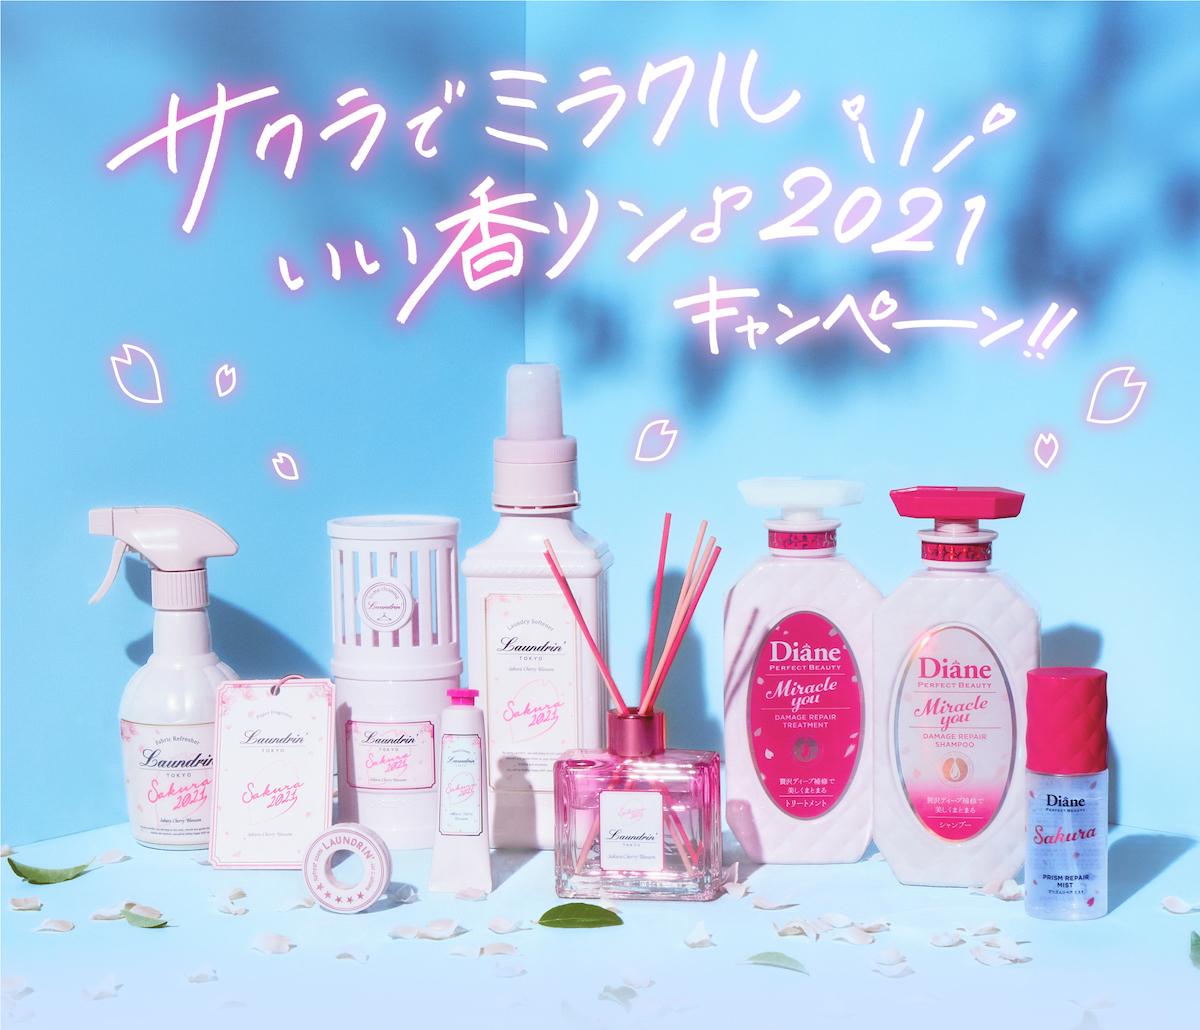 ランドリン」人気の桜シリーズから新作発売 ハンドクリームと部屋用フレグランス (PR) | WWDJAPAN